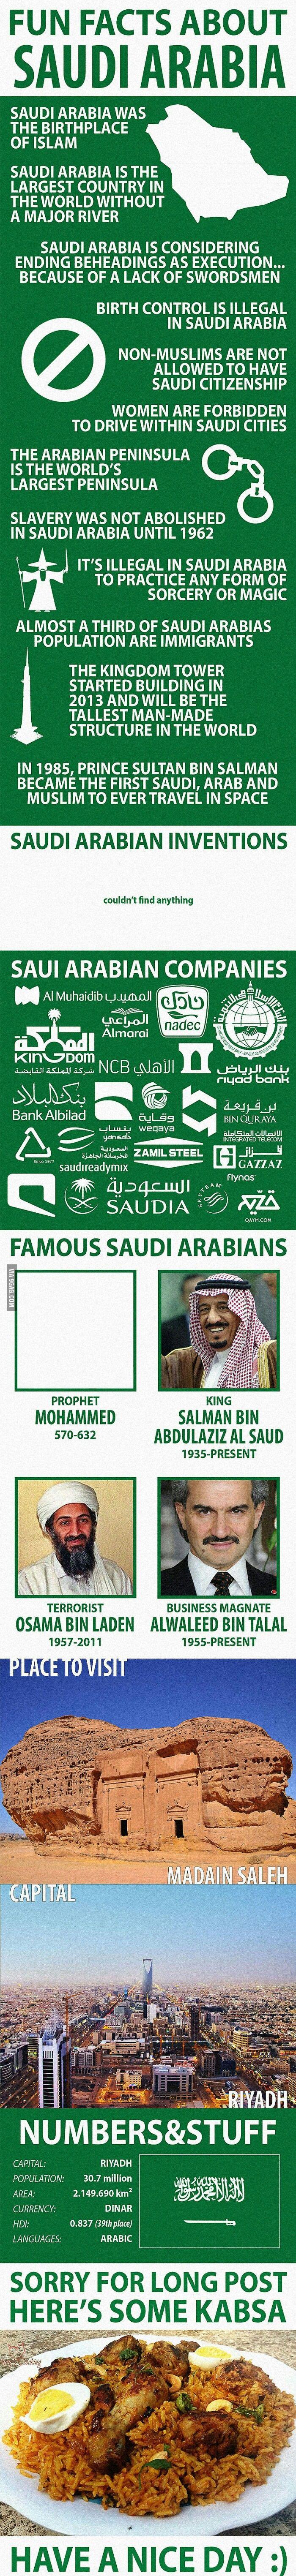 Fun facts on Saudi Arabia